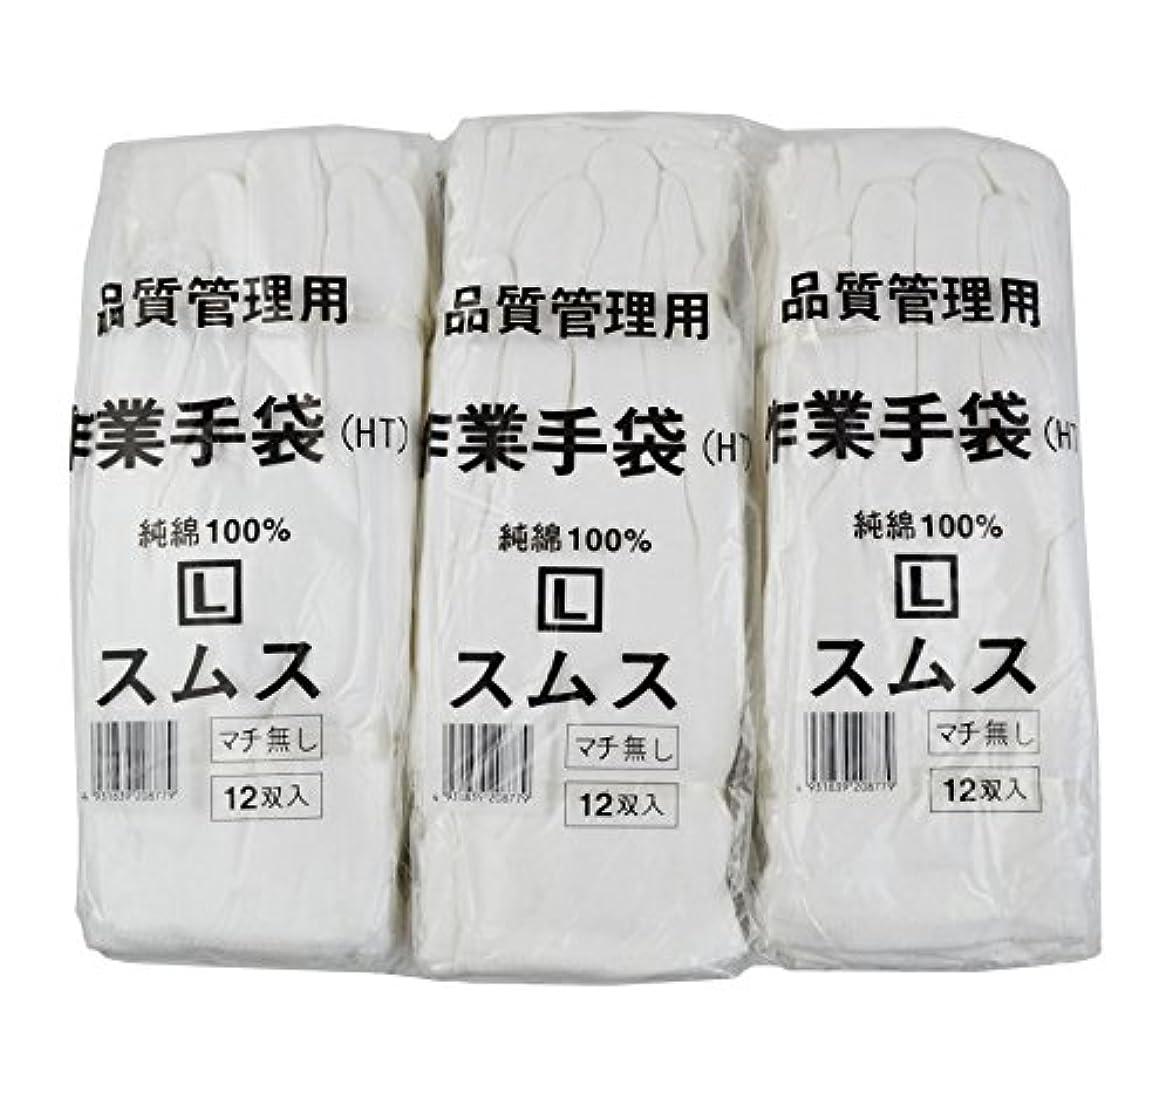 幼児薄汚いそれに応じて【お得なセット売り】(36双) 純綿100% スムス 手袋 Lサイズ 12双×3袋セット 大人用 多用途 作業手袋 101118